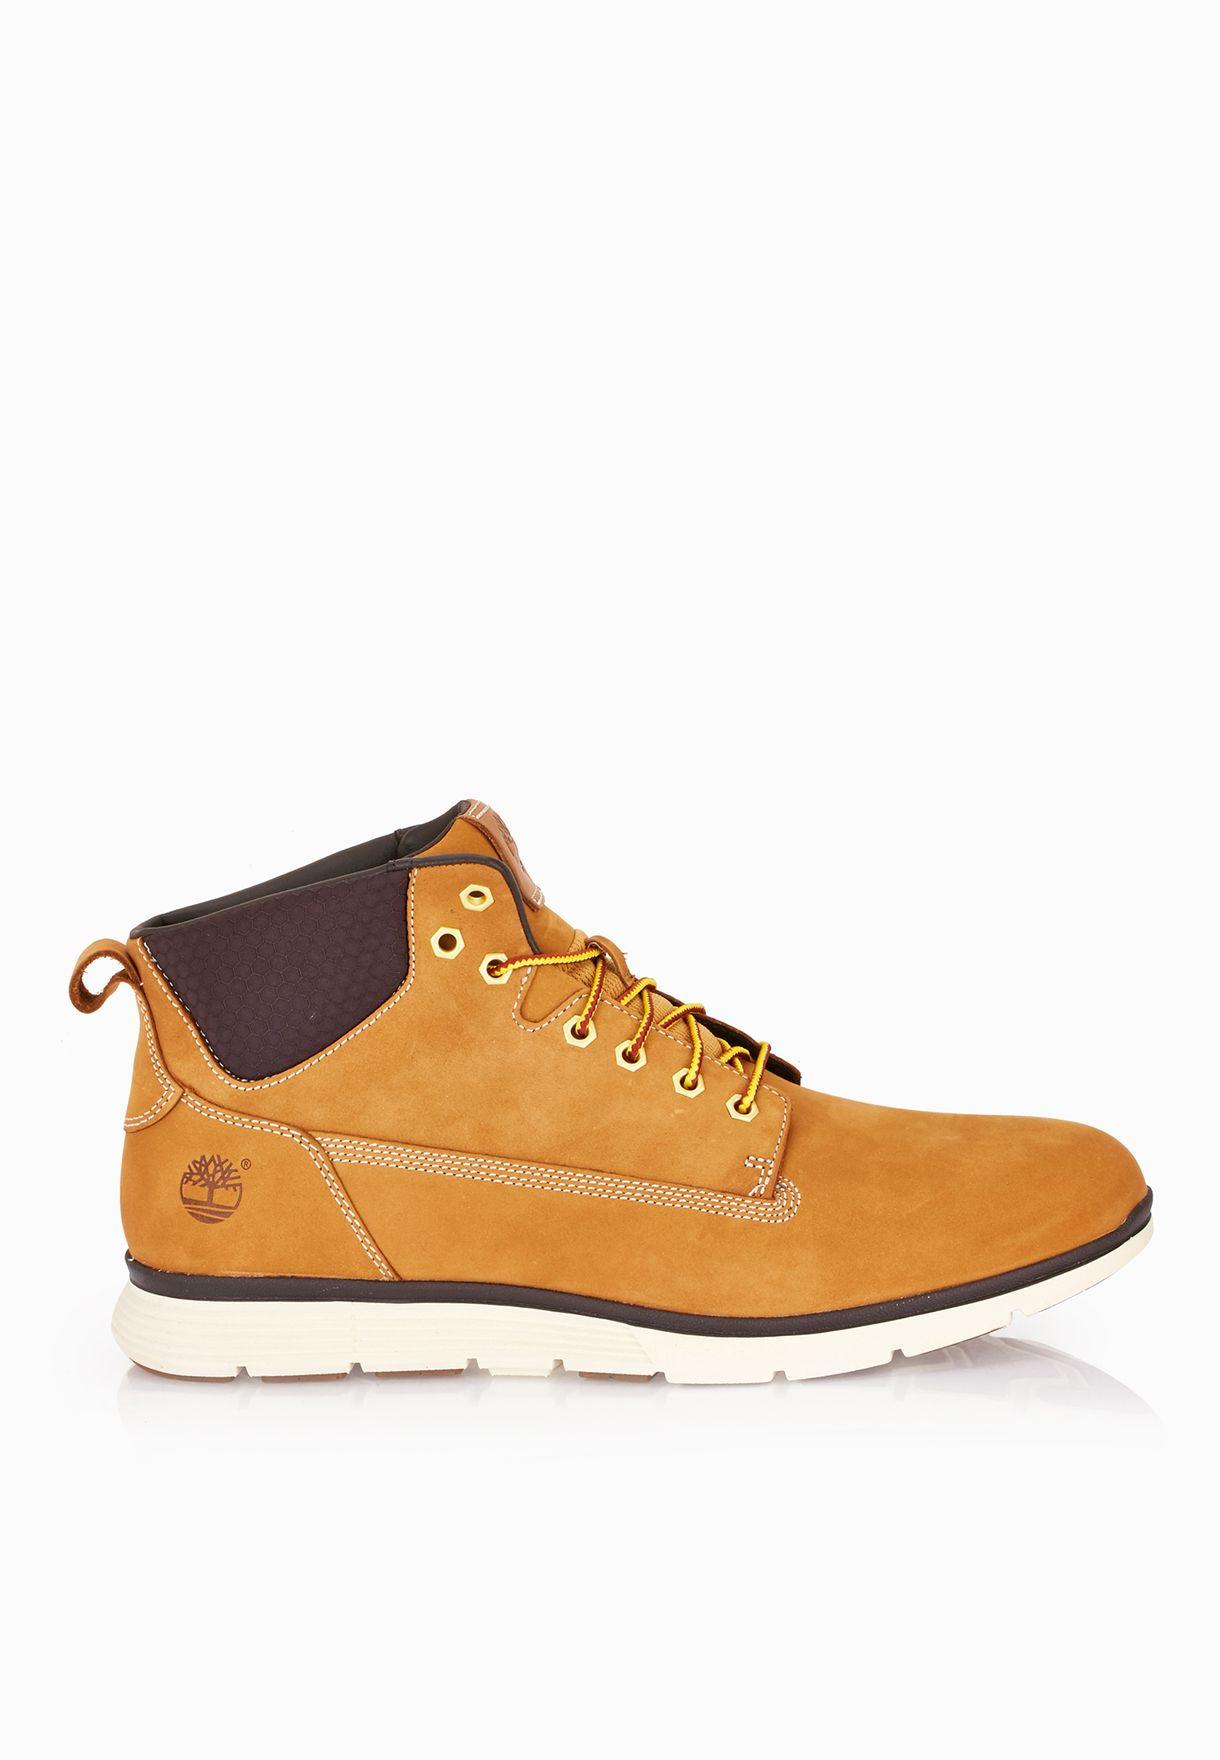 77001f5a772 Killington Chukka Boots